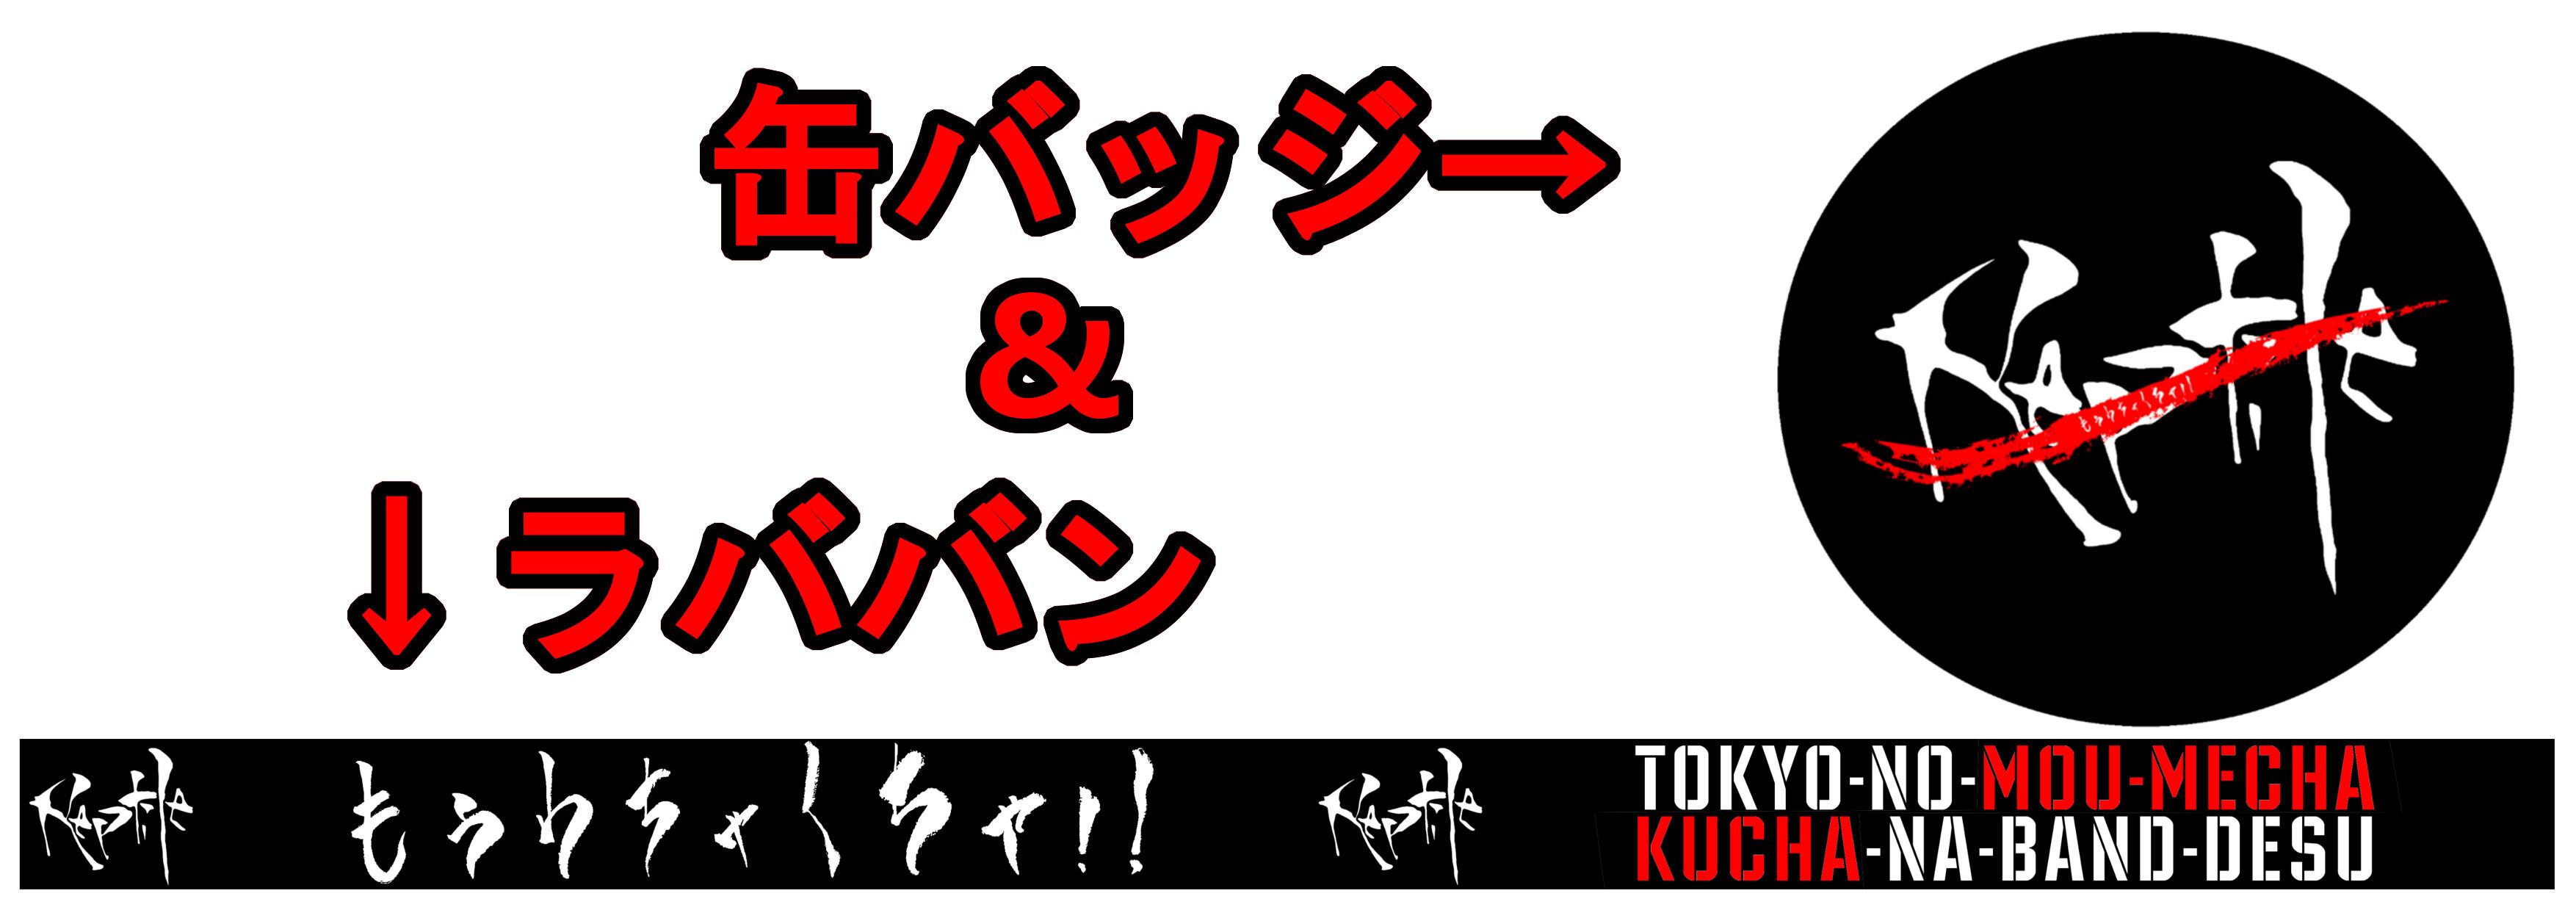 【オリジナルデザイン缶バッチ&ラバーバンドプラン】